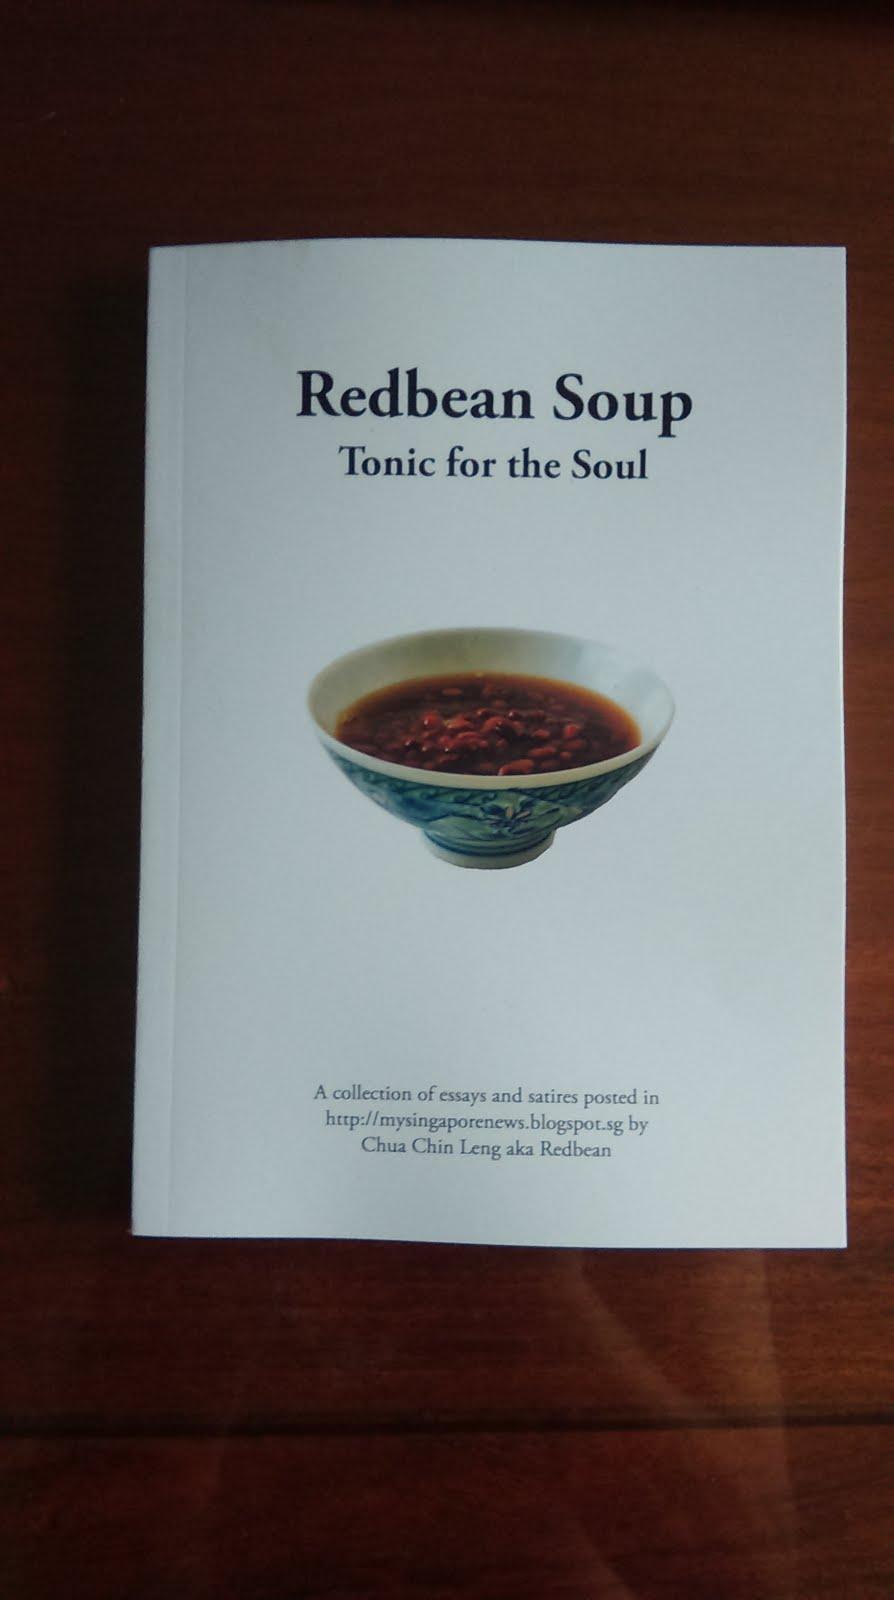 Redbean Soup